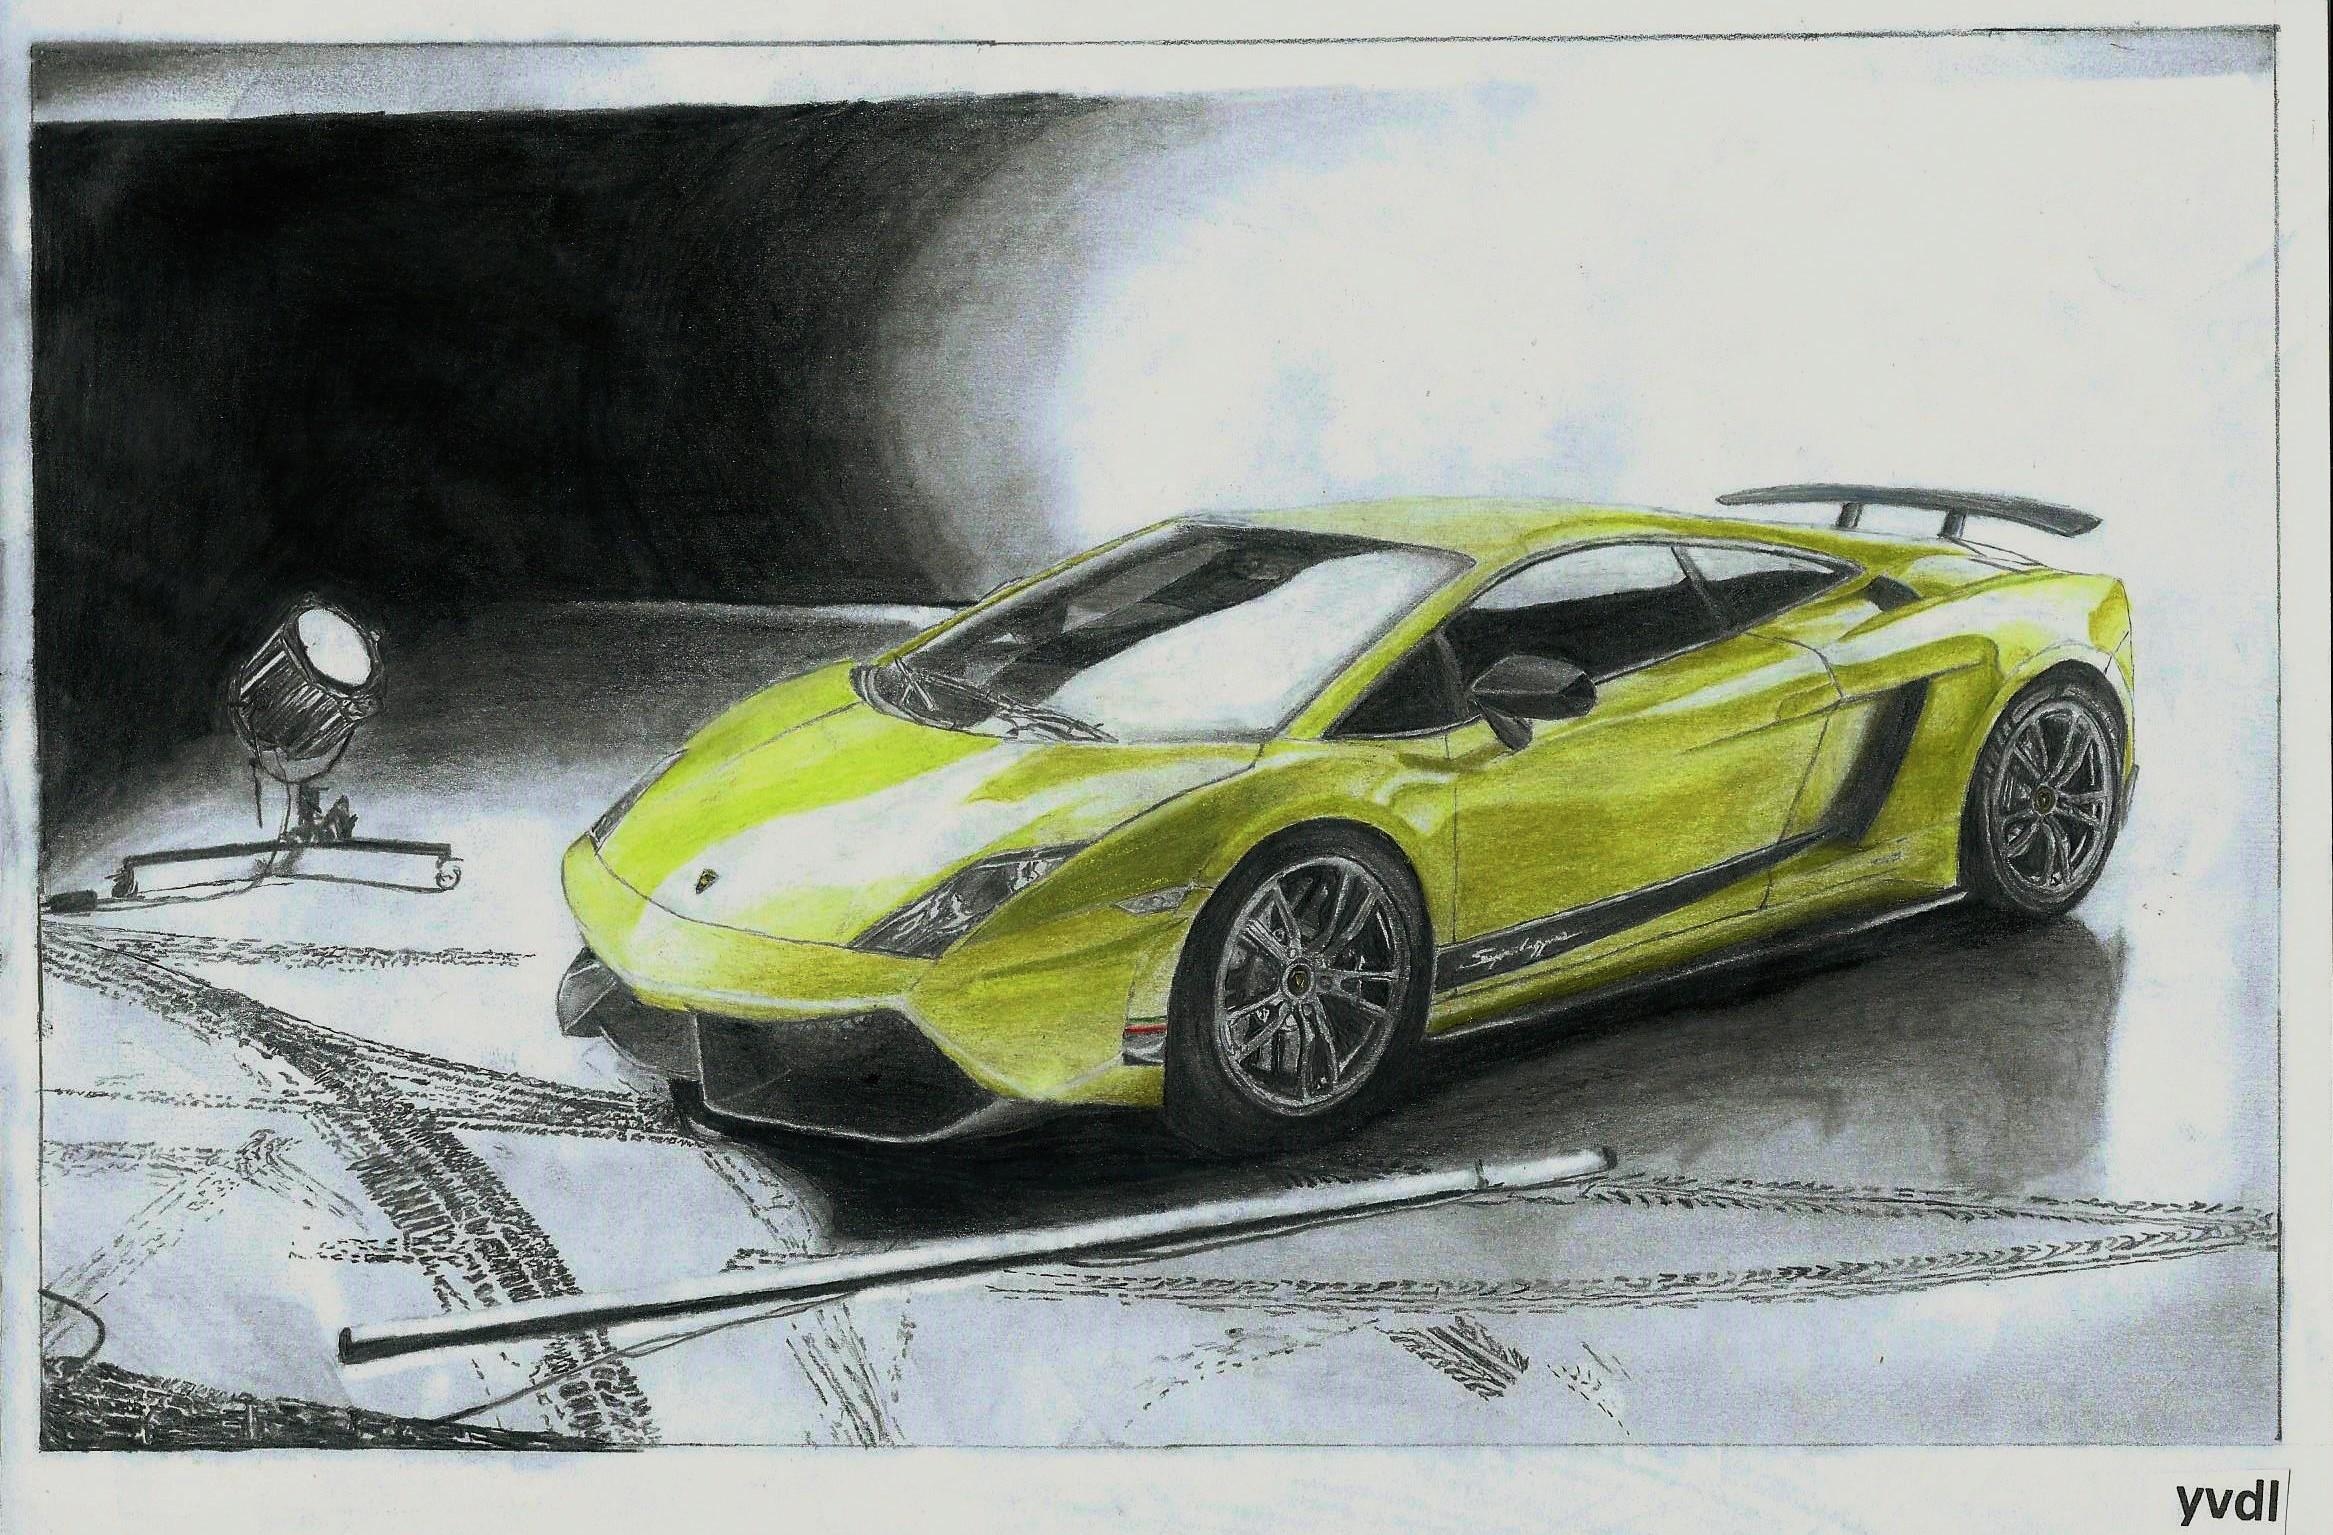 Drawing Of A Lamborghini Gallardo Lp570 4 Superleggera